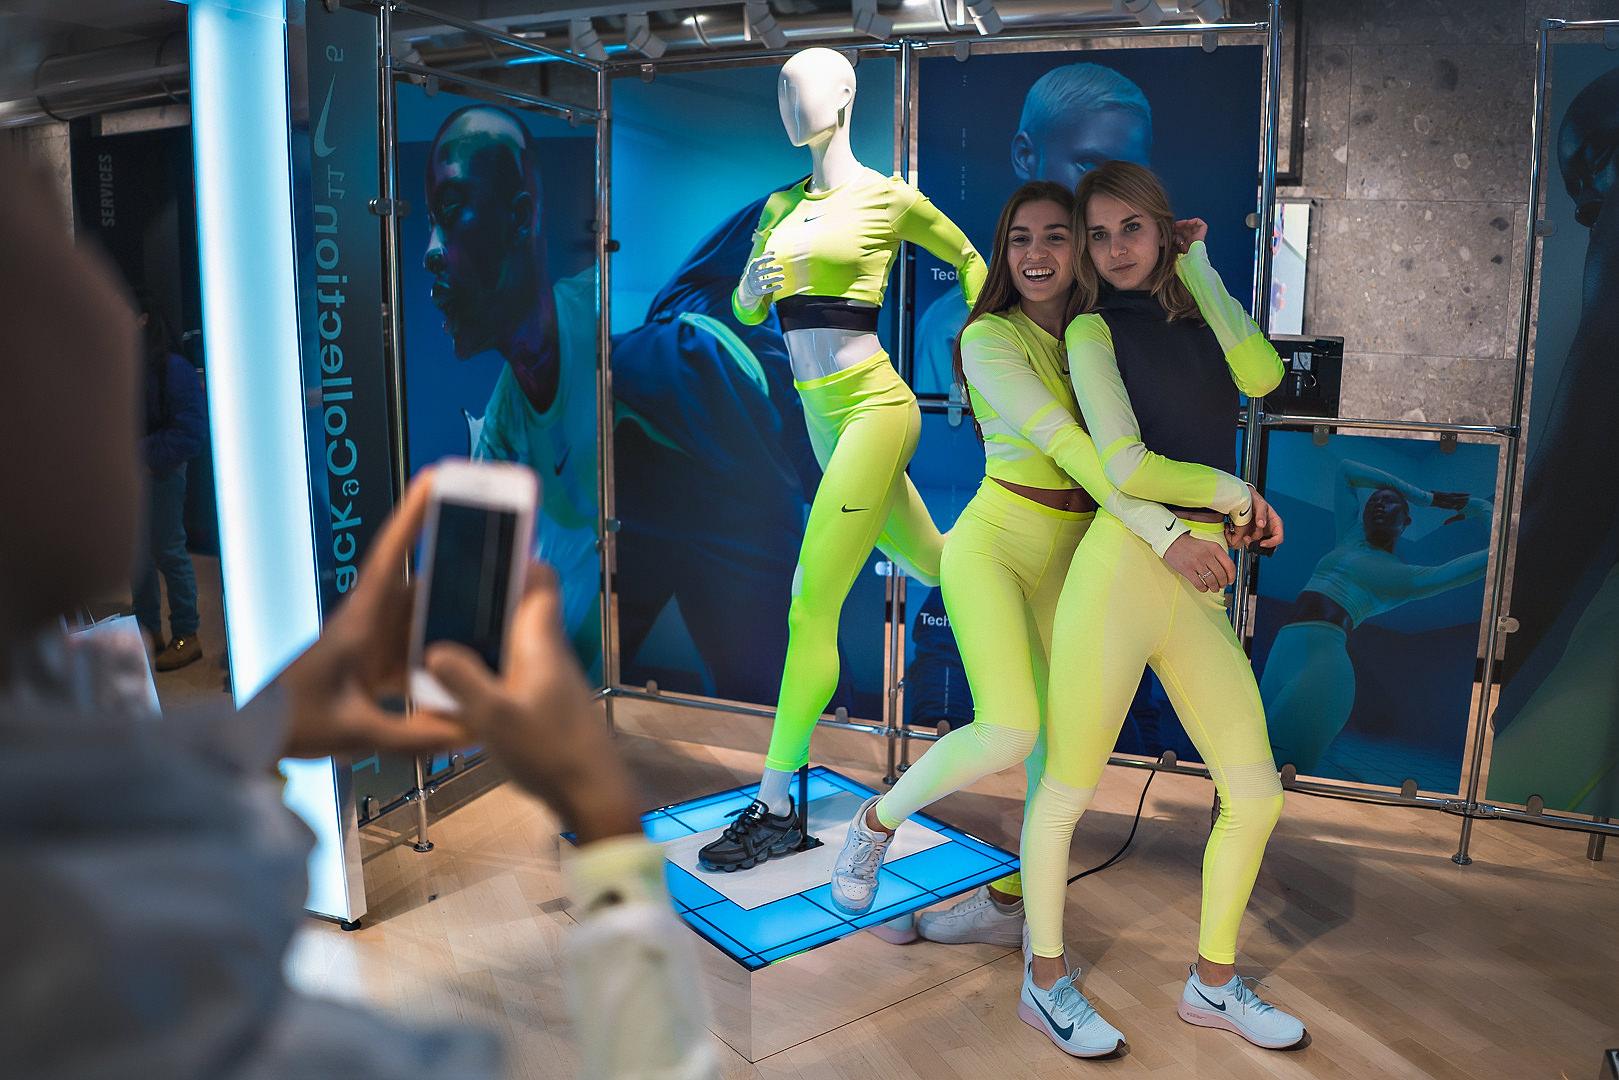 2018_12_21_Nike_TechPack_0080.jpg